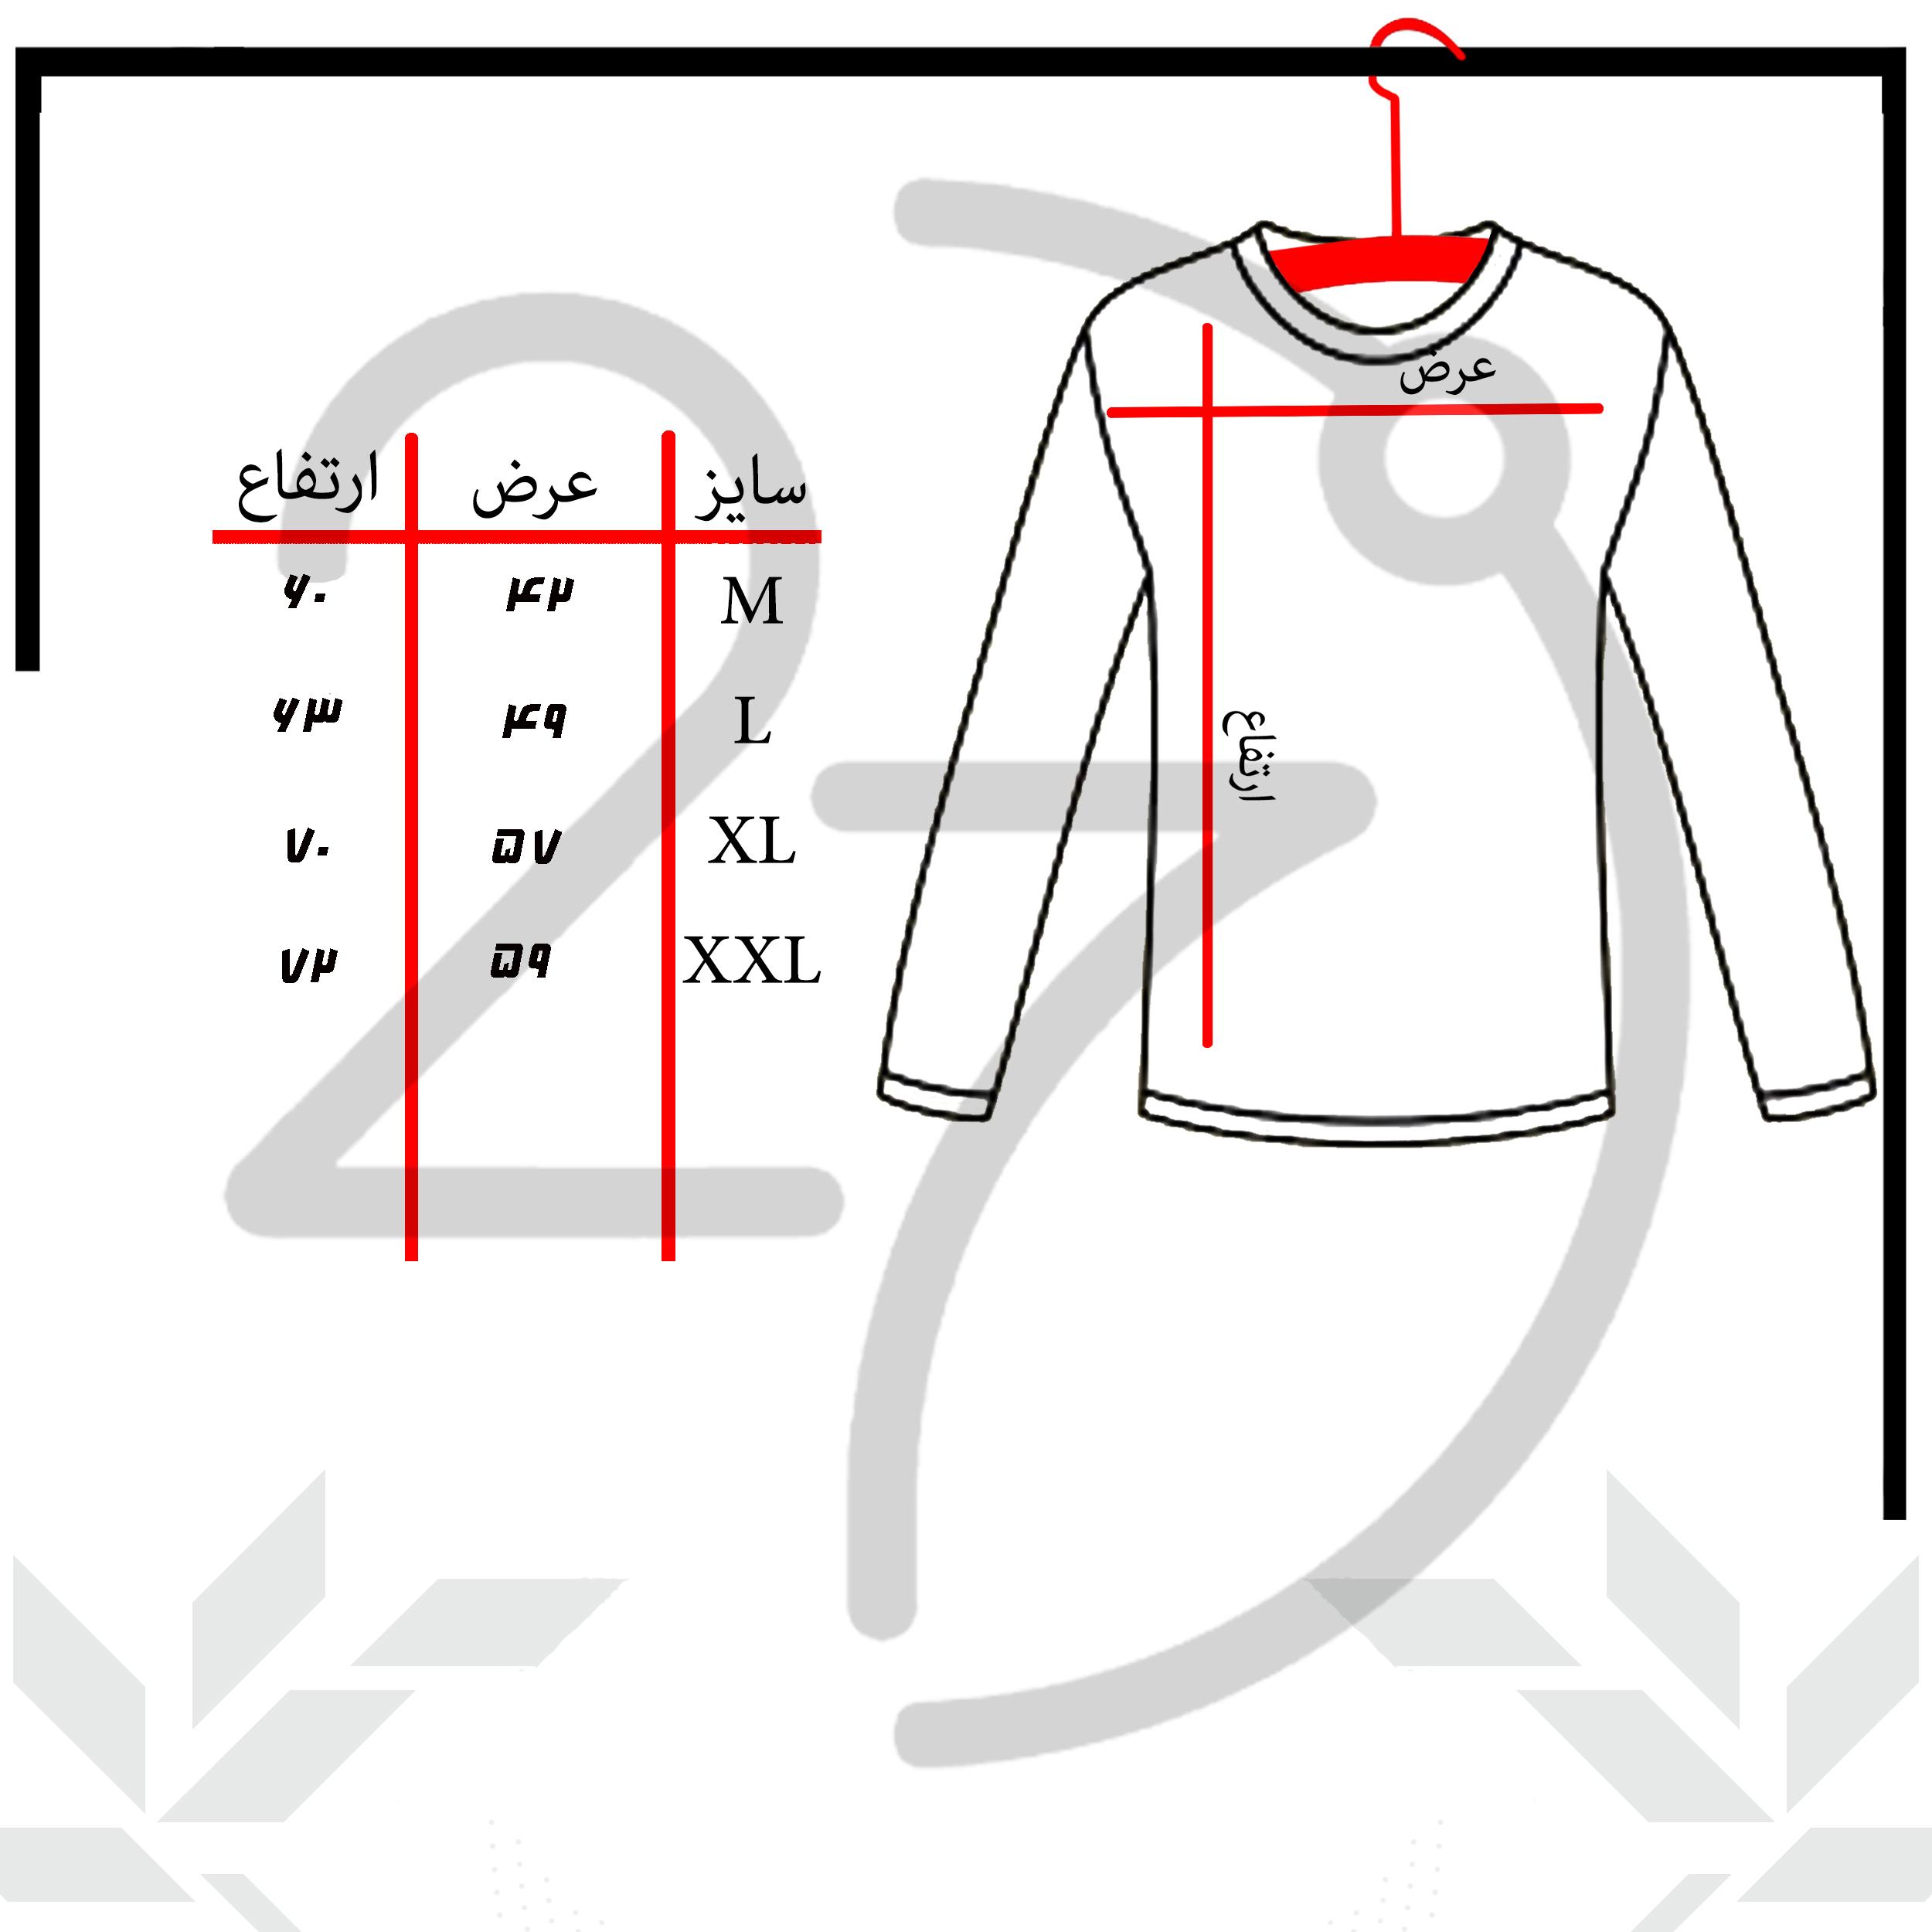 تی شرت آستین بلند زنانه 27 مدل مثلث کد B113